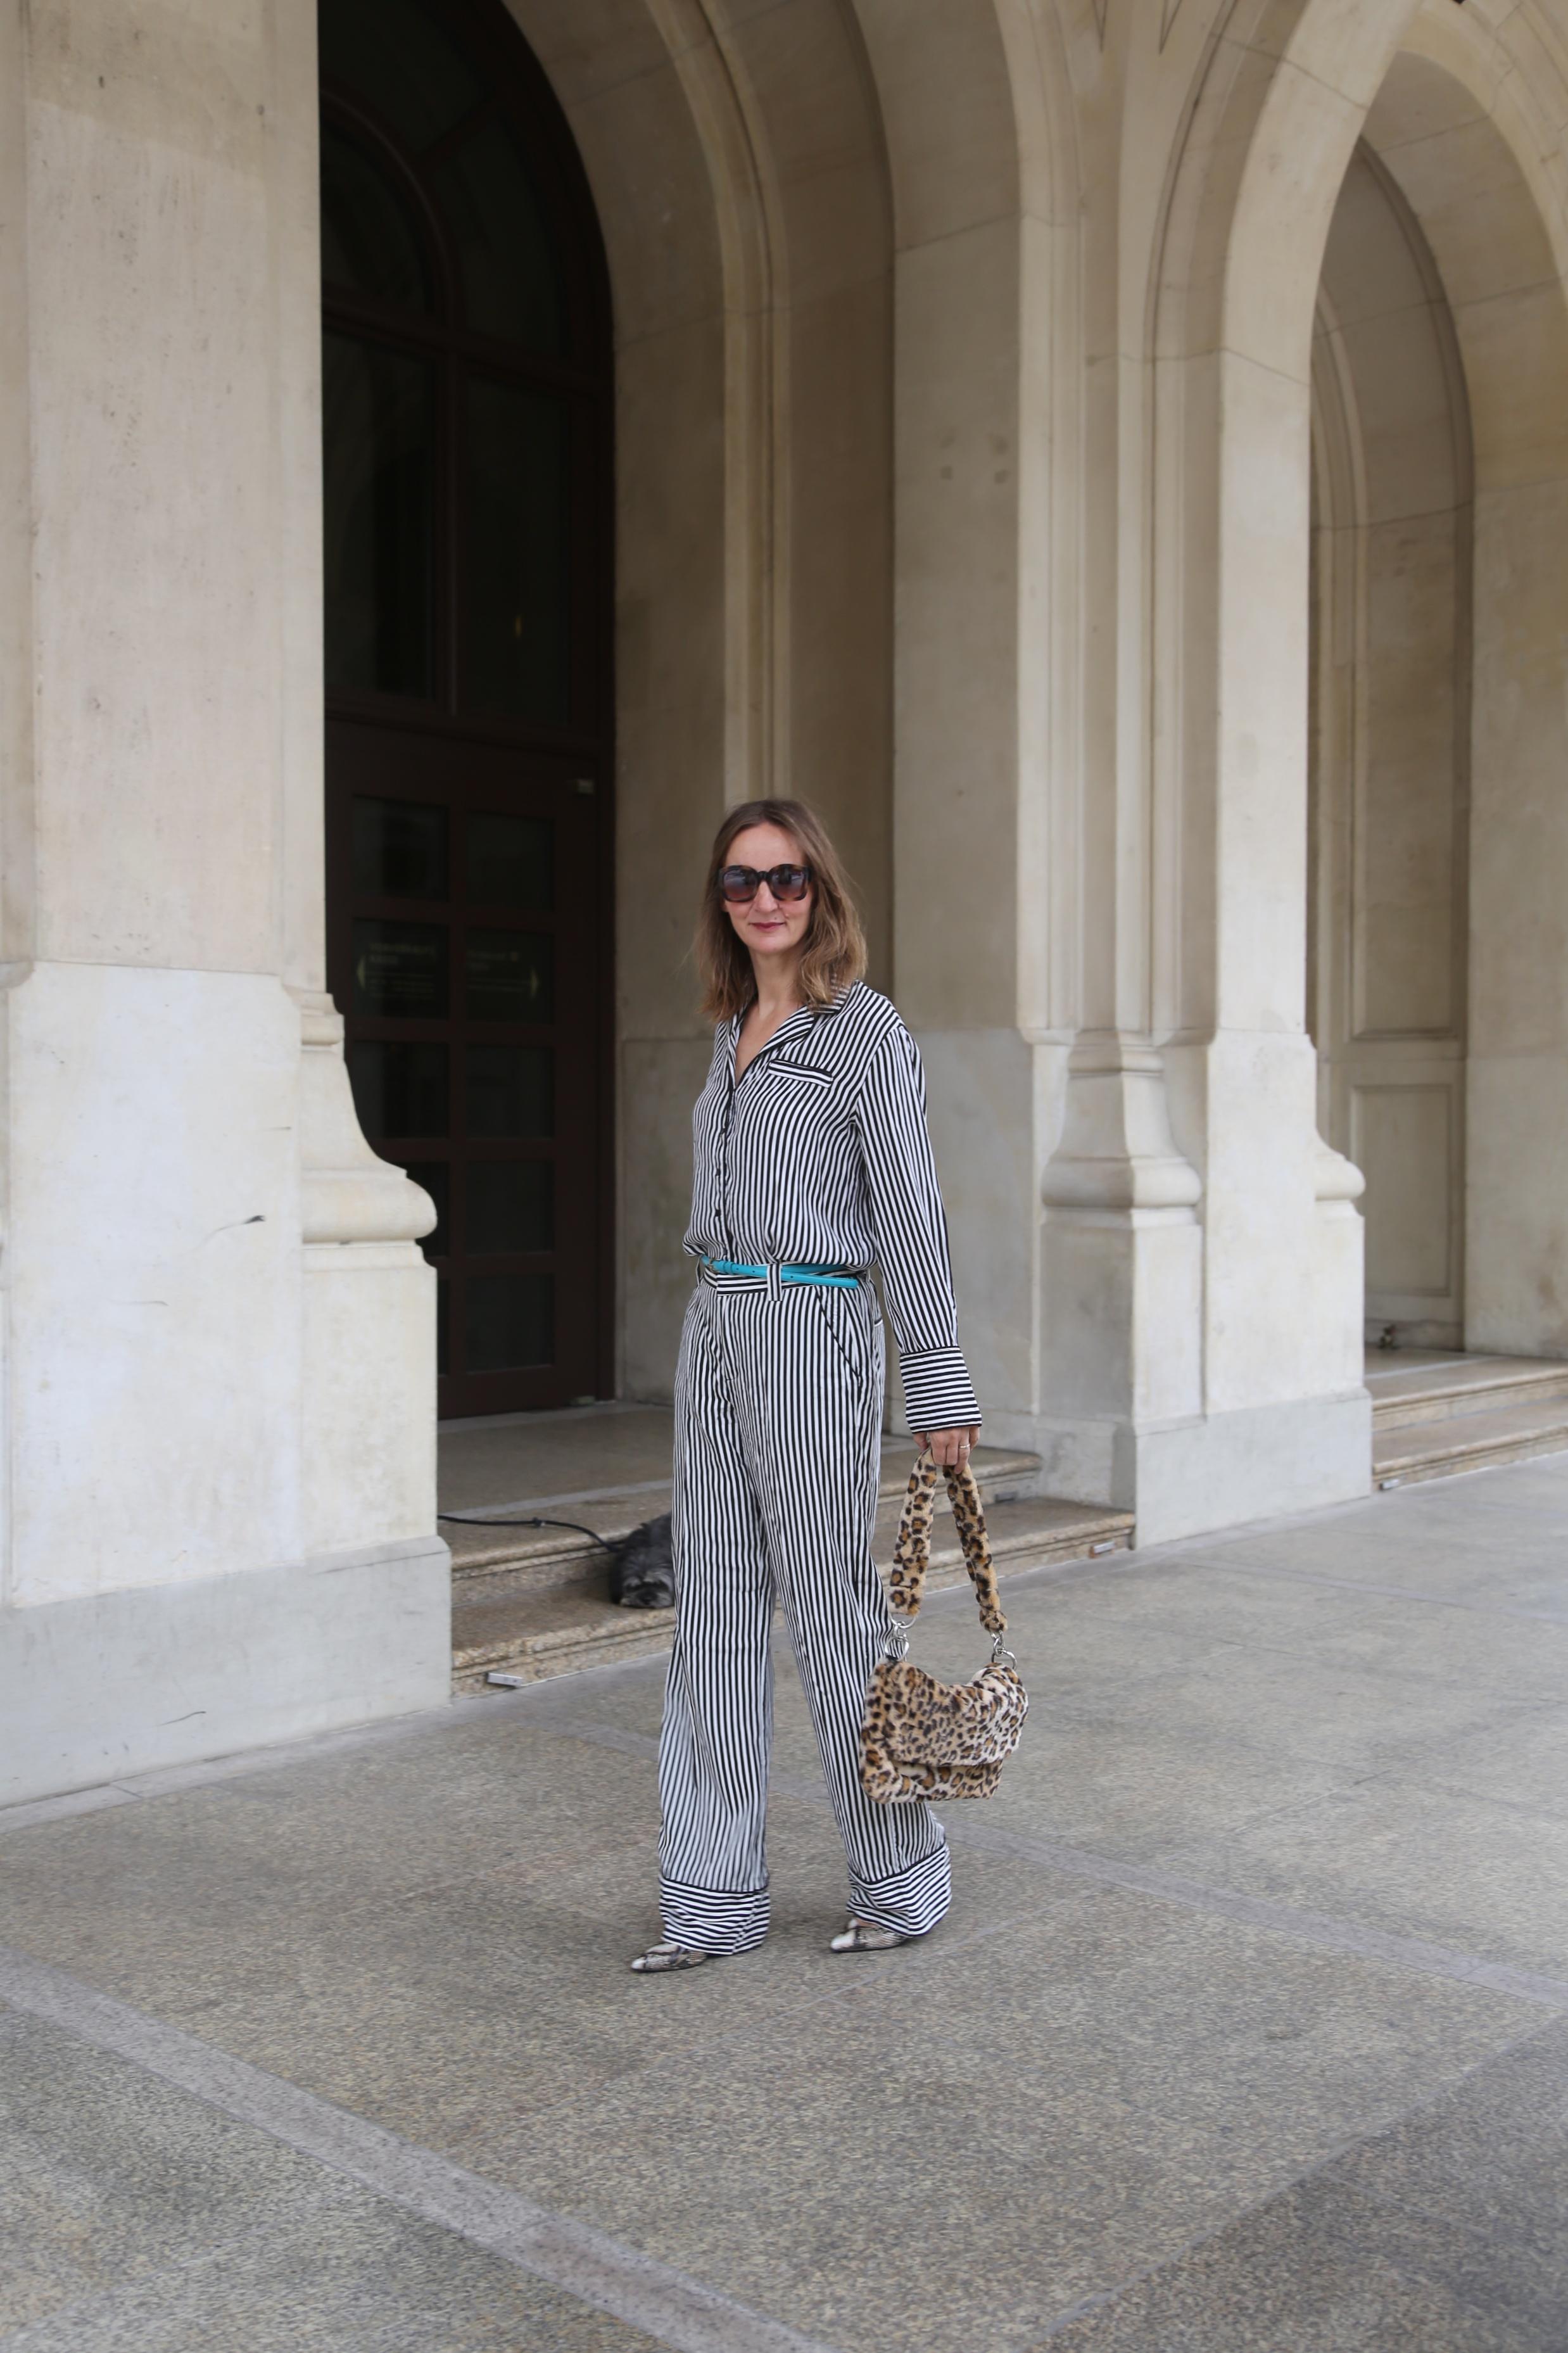 kleiderschrank-check-pyjama-look-2018_trend_weite-hose-streifen-bluse_pyjama-stil_mode-blog-ue50_frankfurt_influencer_oceanblue-style (2)-02